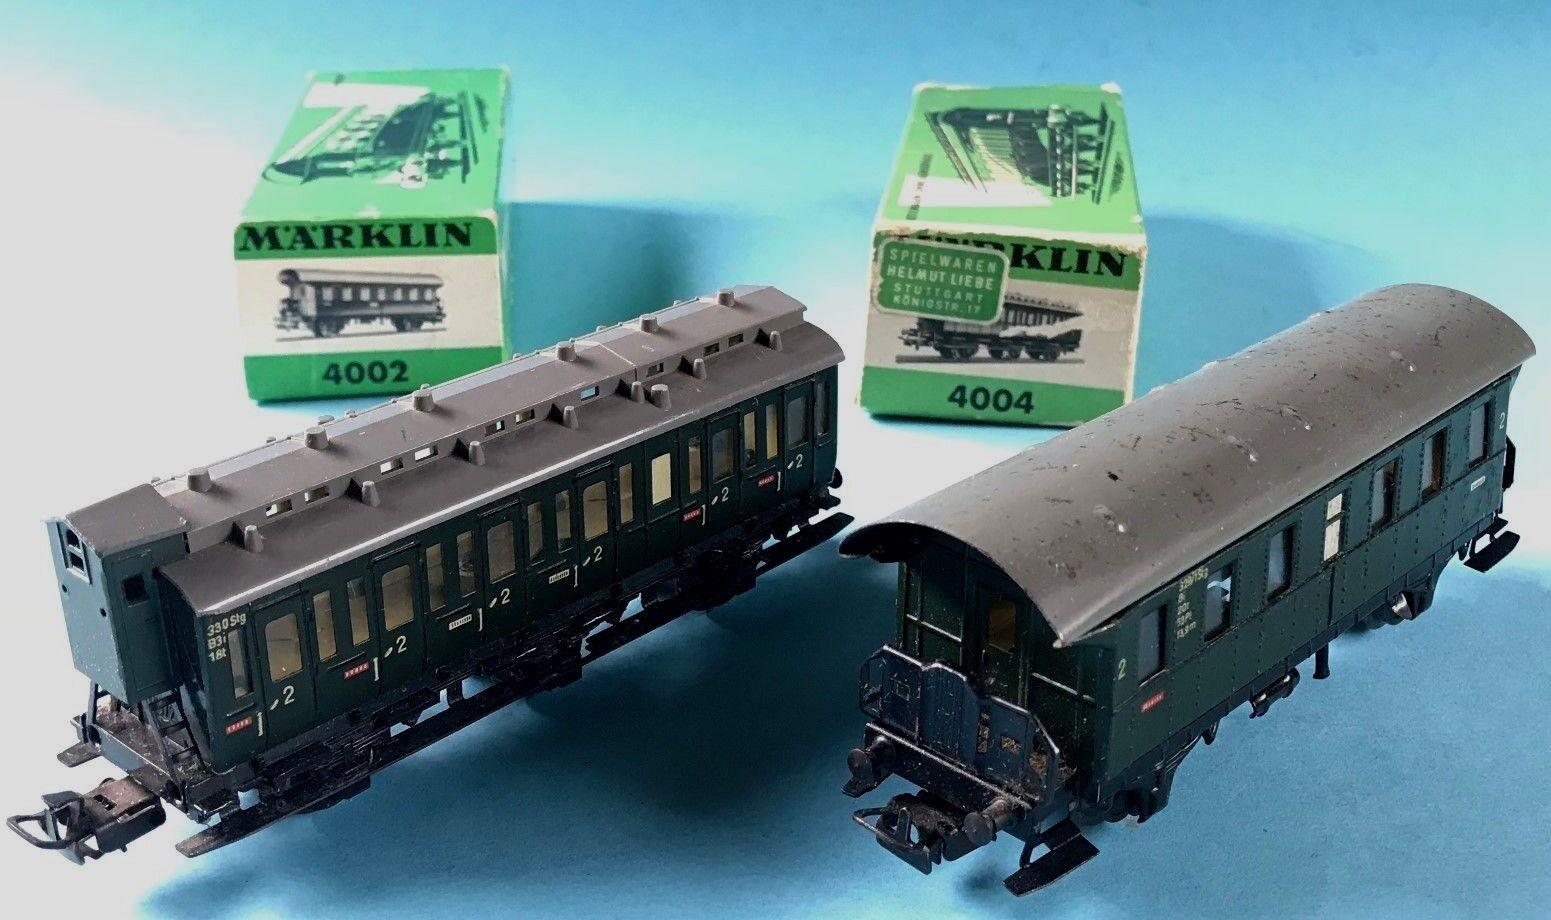 Konvolut 2x Märklin Eisenbahn Personenwagen 4002 u. 4004 OK Spur 00 H0 1954+1962